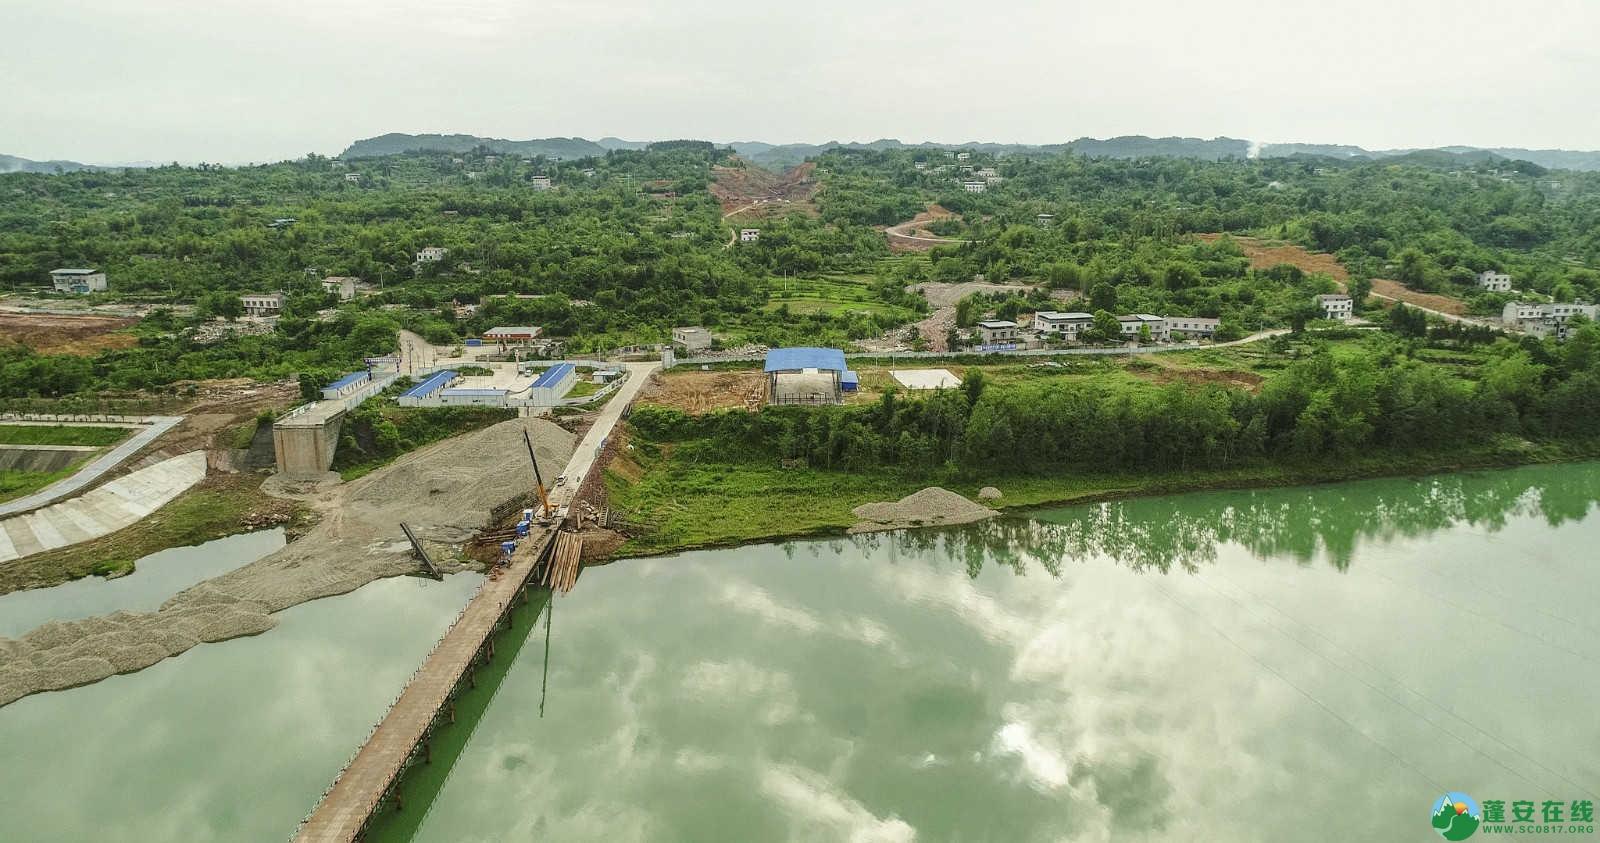 蓬安嘉陵江一桥修建进(2019年5月11日) - 第16张  | 蓬安在线